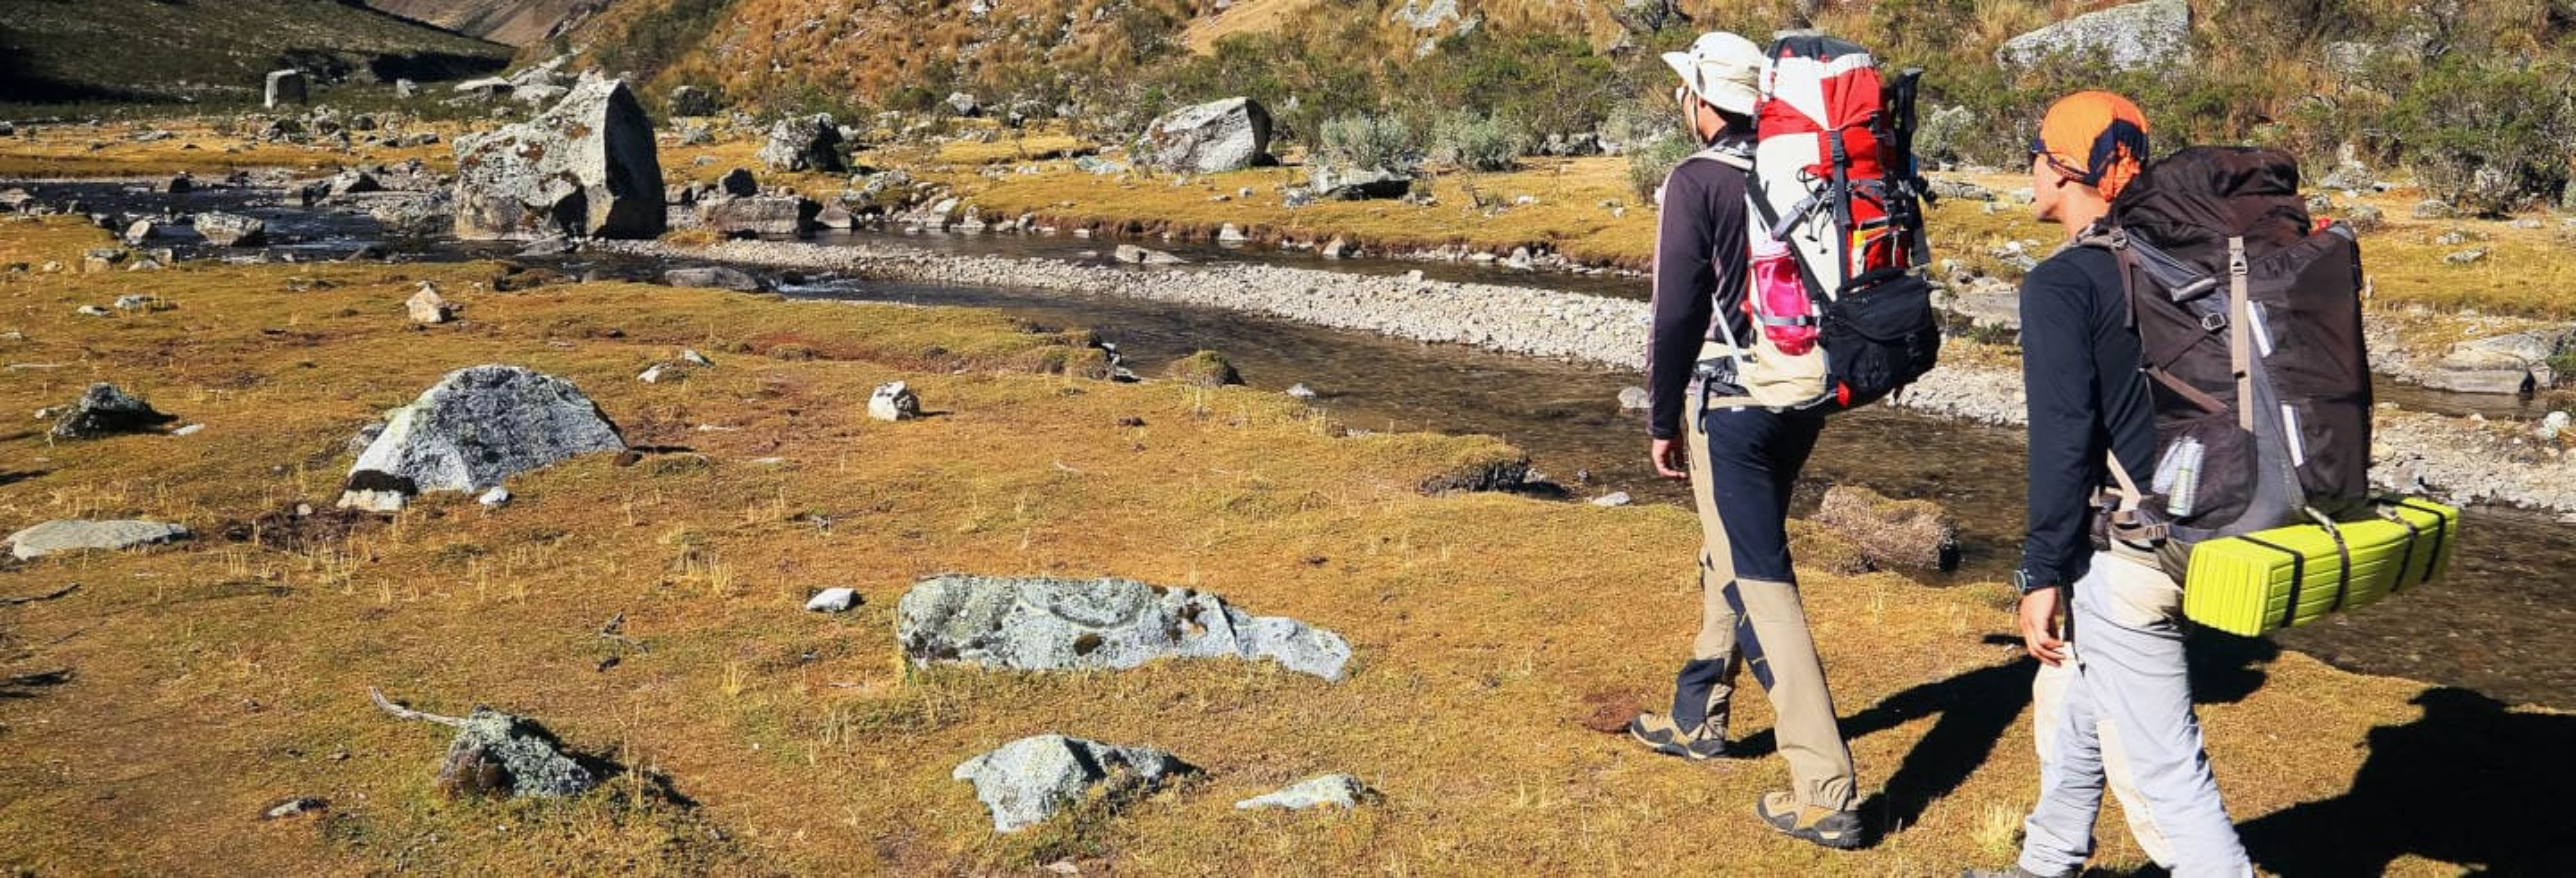 Ruta de 2 días de trekking por Huchuy Qosqo